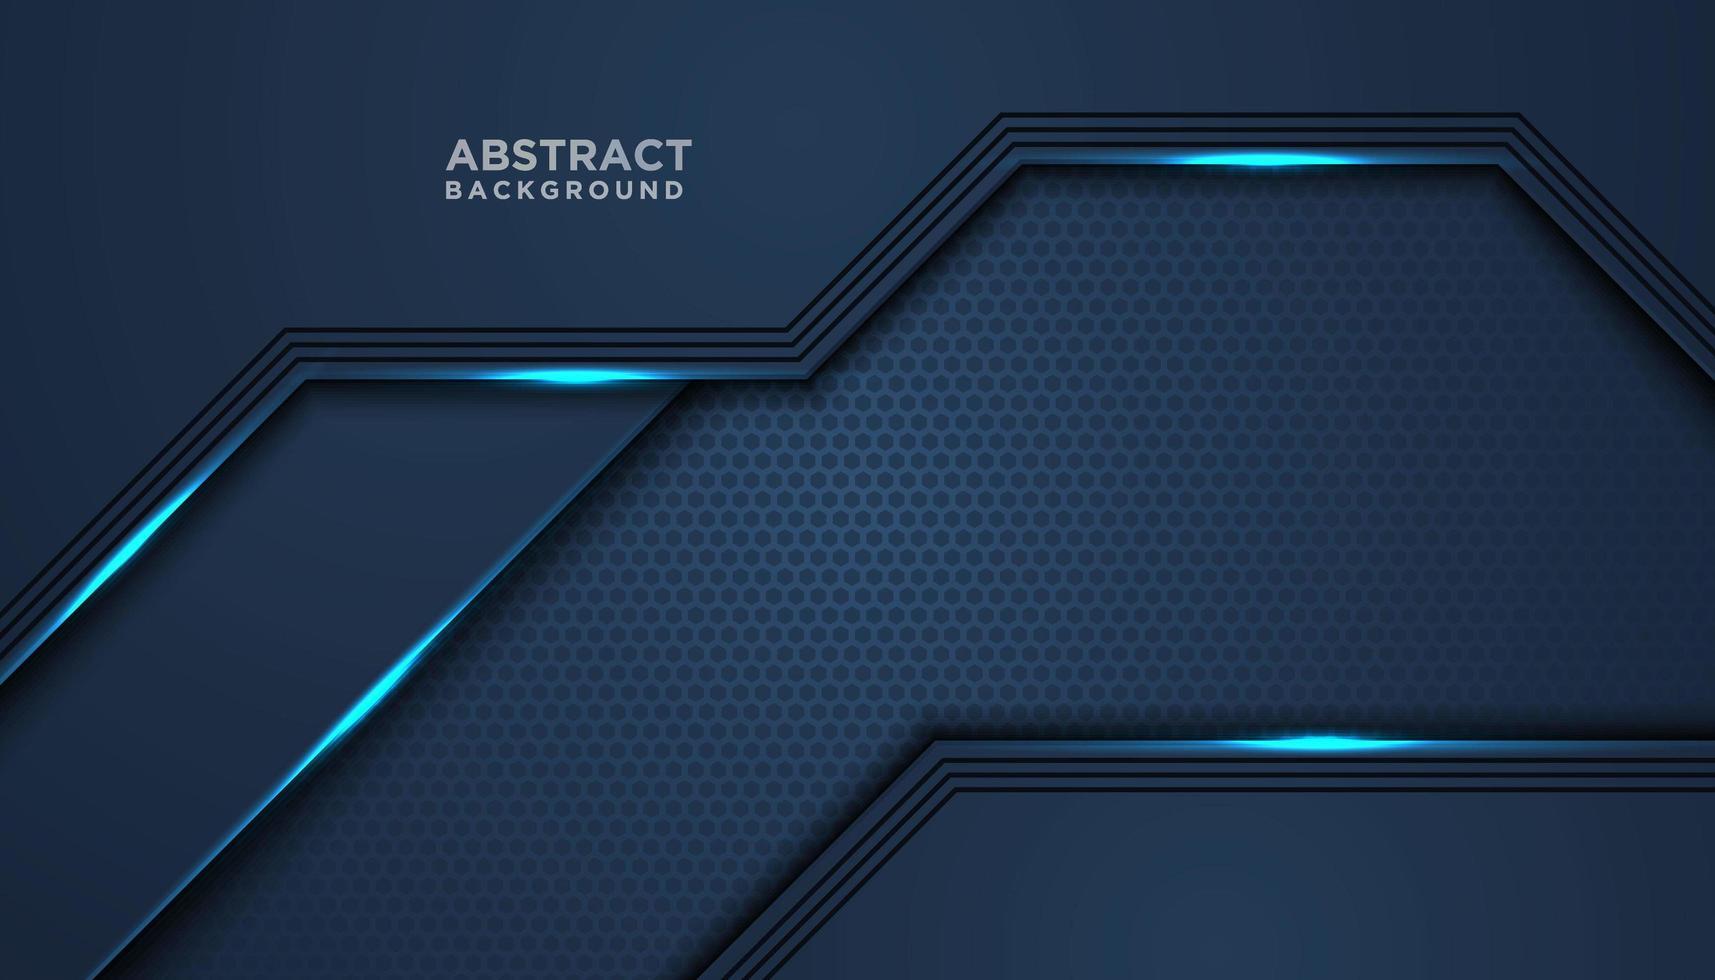 Fondo de capa superpuesta brillante azul vector